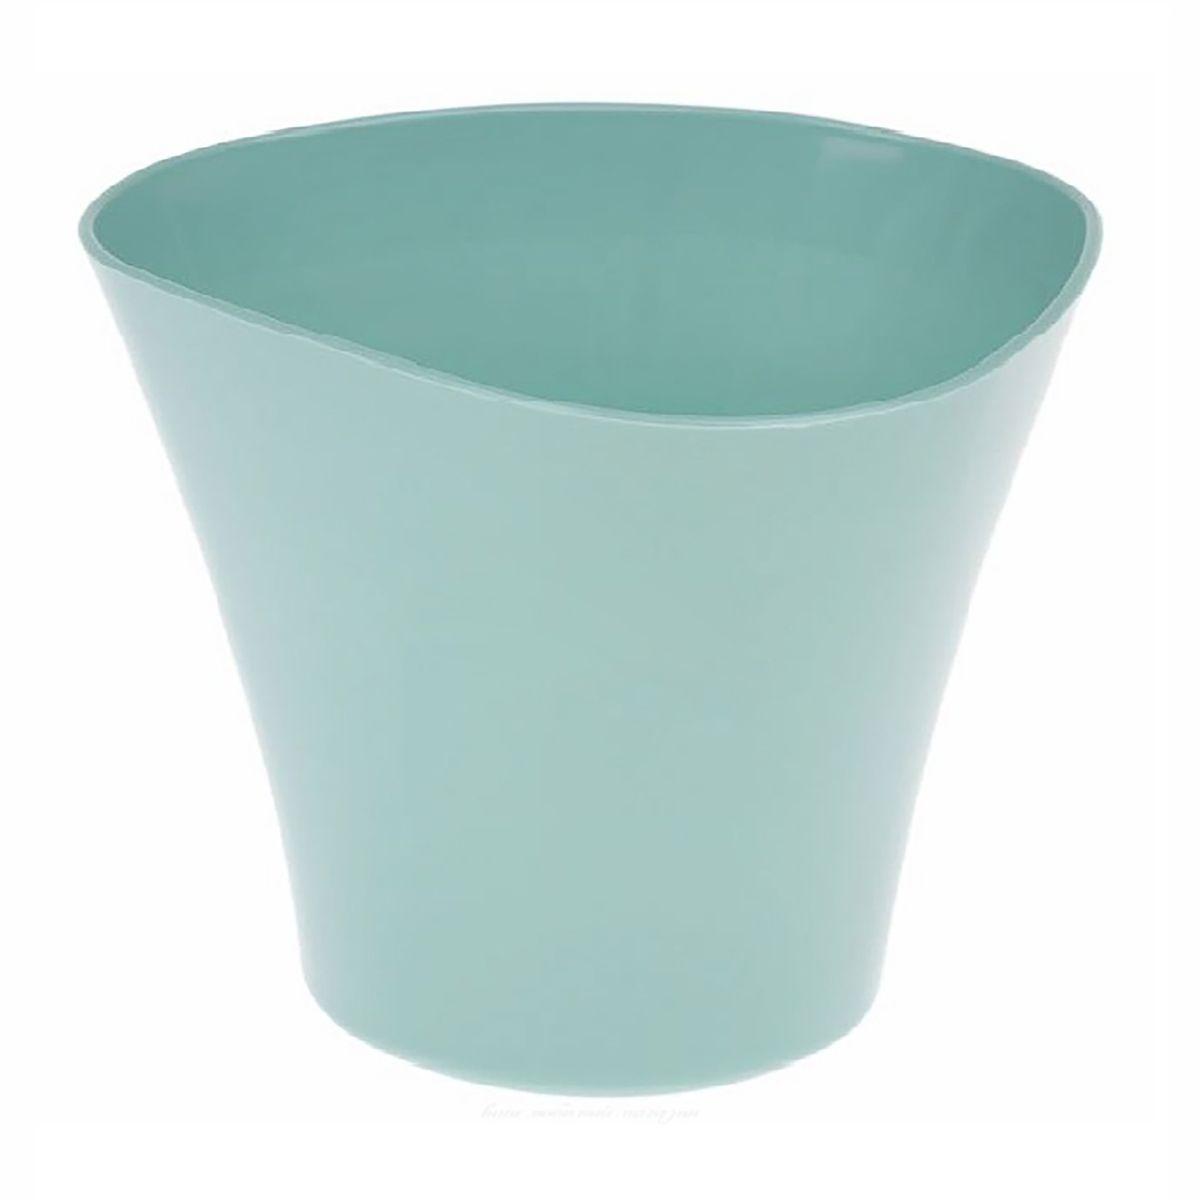 Кашпо JetPlast Волна, цвет: нефритовый, 600 мл4612754051977Кашпо Волна имеет уникальную форму, сочетающуюся как с классическим, так и с современным дизайном интерьера. Оно изготовлено из прочного полипропилена (пластика) и предназначено для выращивания растений, цветов и трав в домашних условиях. Такое кашпо порадует вас функциональностью, а благодаря лаконичному дизайну впишется в любой интерьер помещения. Объем кашпо: 600 мл.